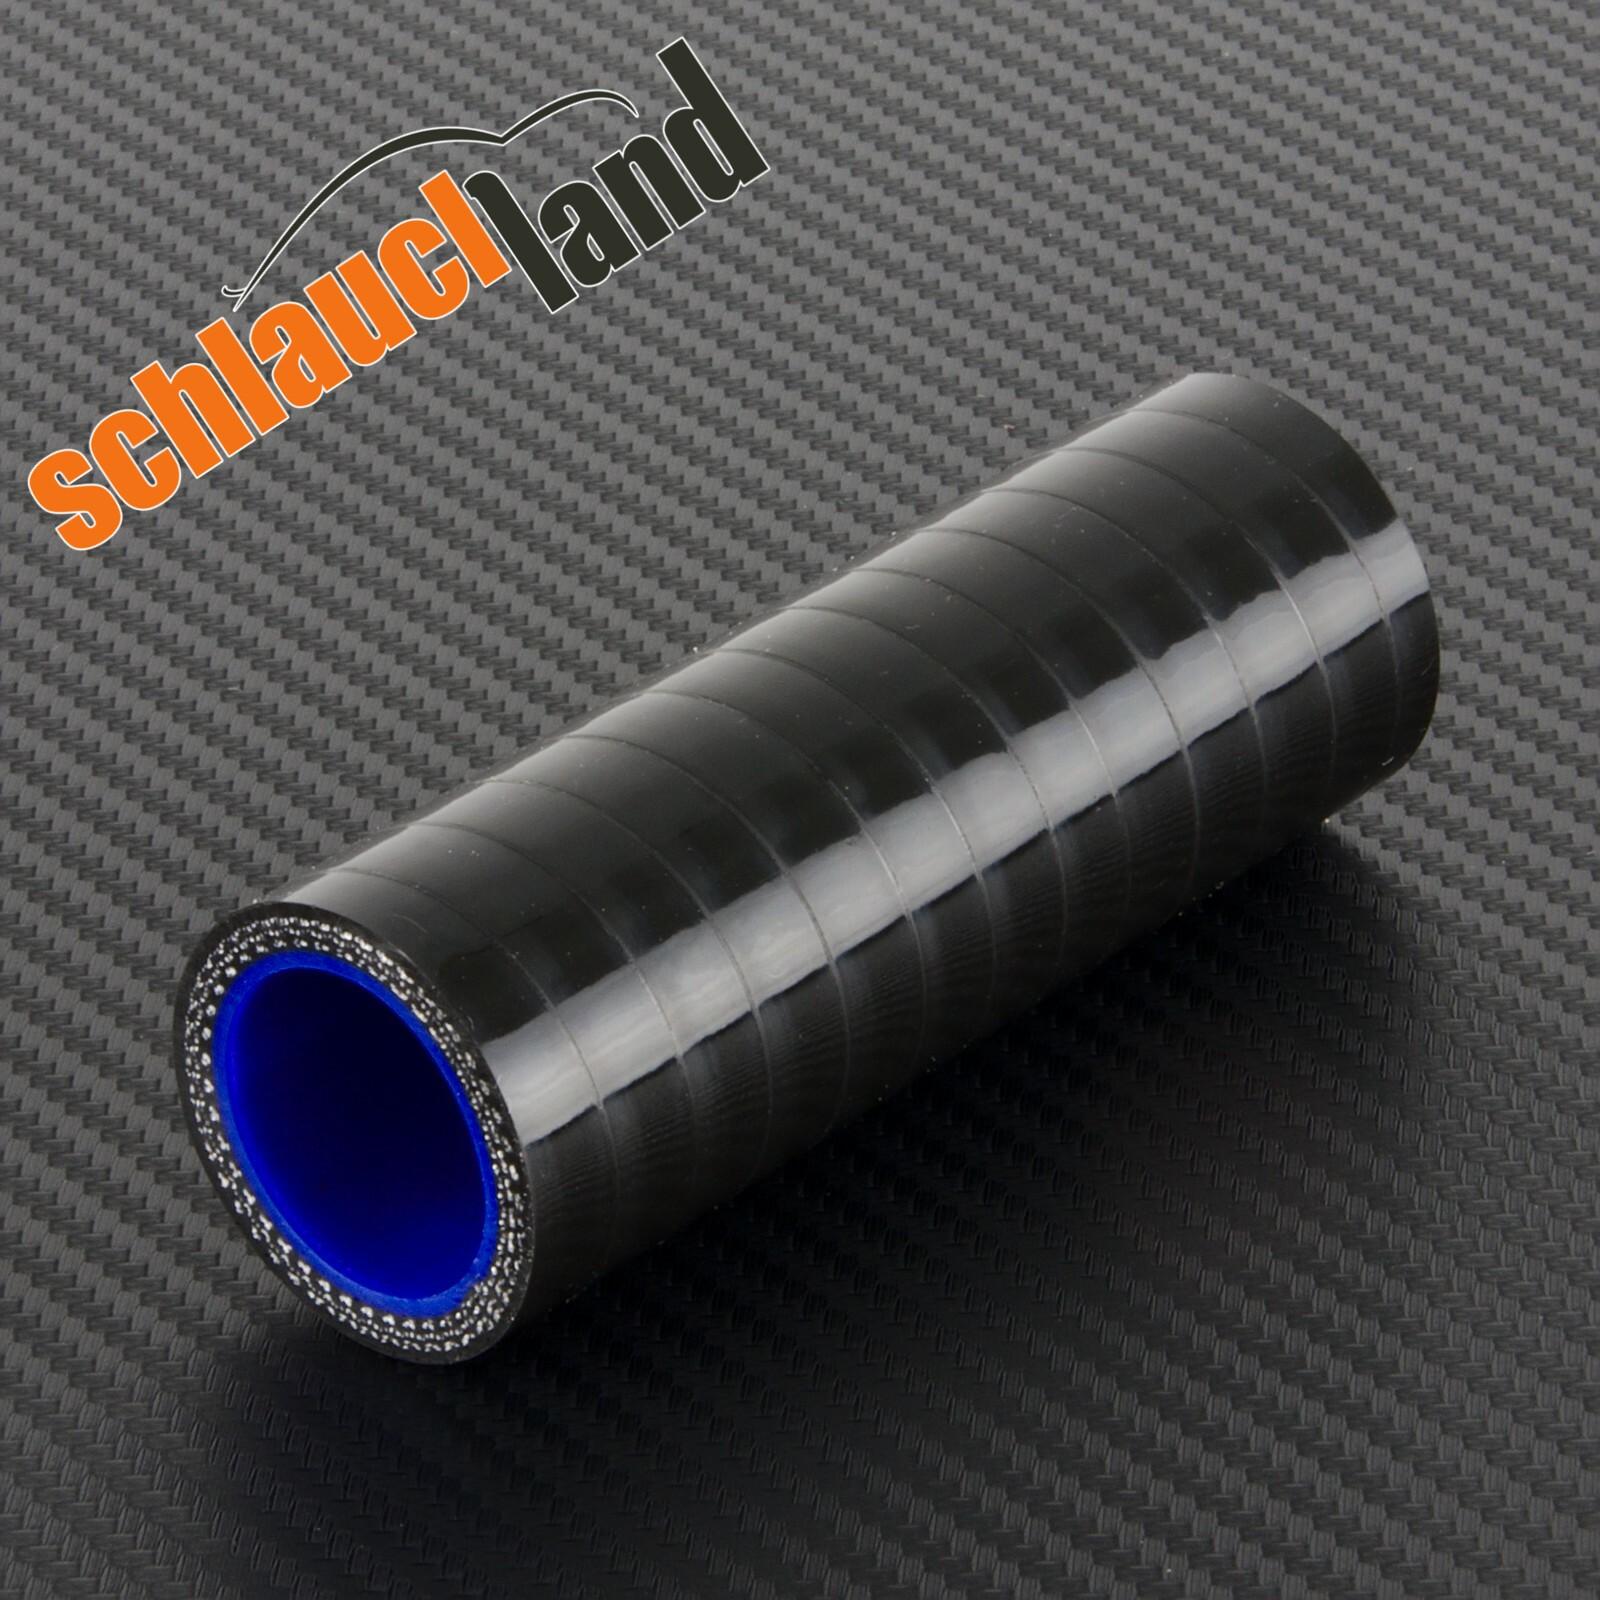 Silikon-Verbinder Innendurchmesser 34mm / Schwarz